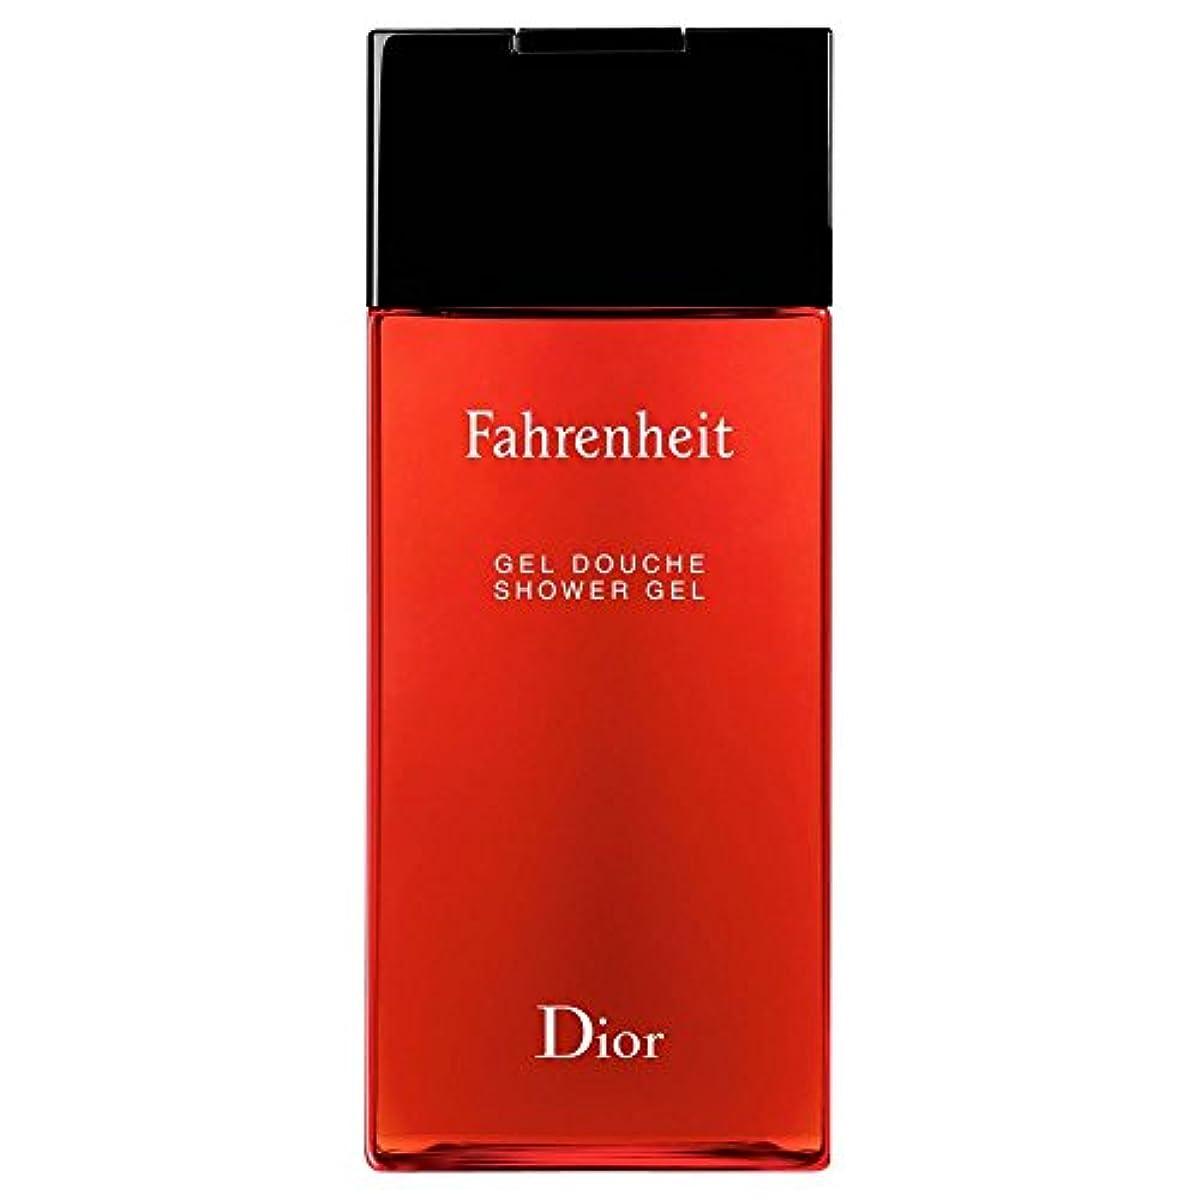 暴君扇動するびっくりした[Dior] ディオール華氏発泡シャワージェル200Ml - Dior Fahrenheit Foaming Shower Gel 200ml [並行輸入品]